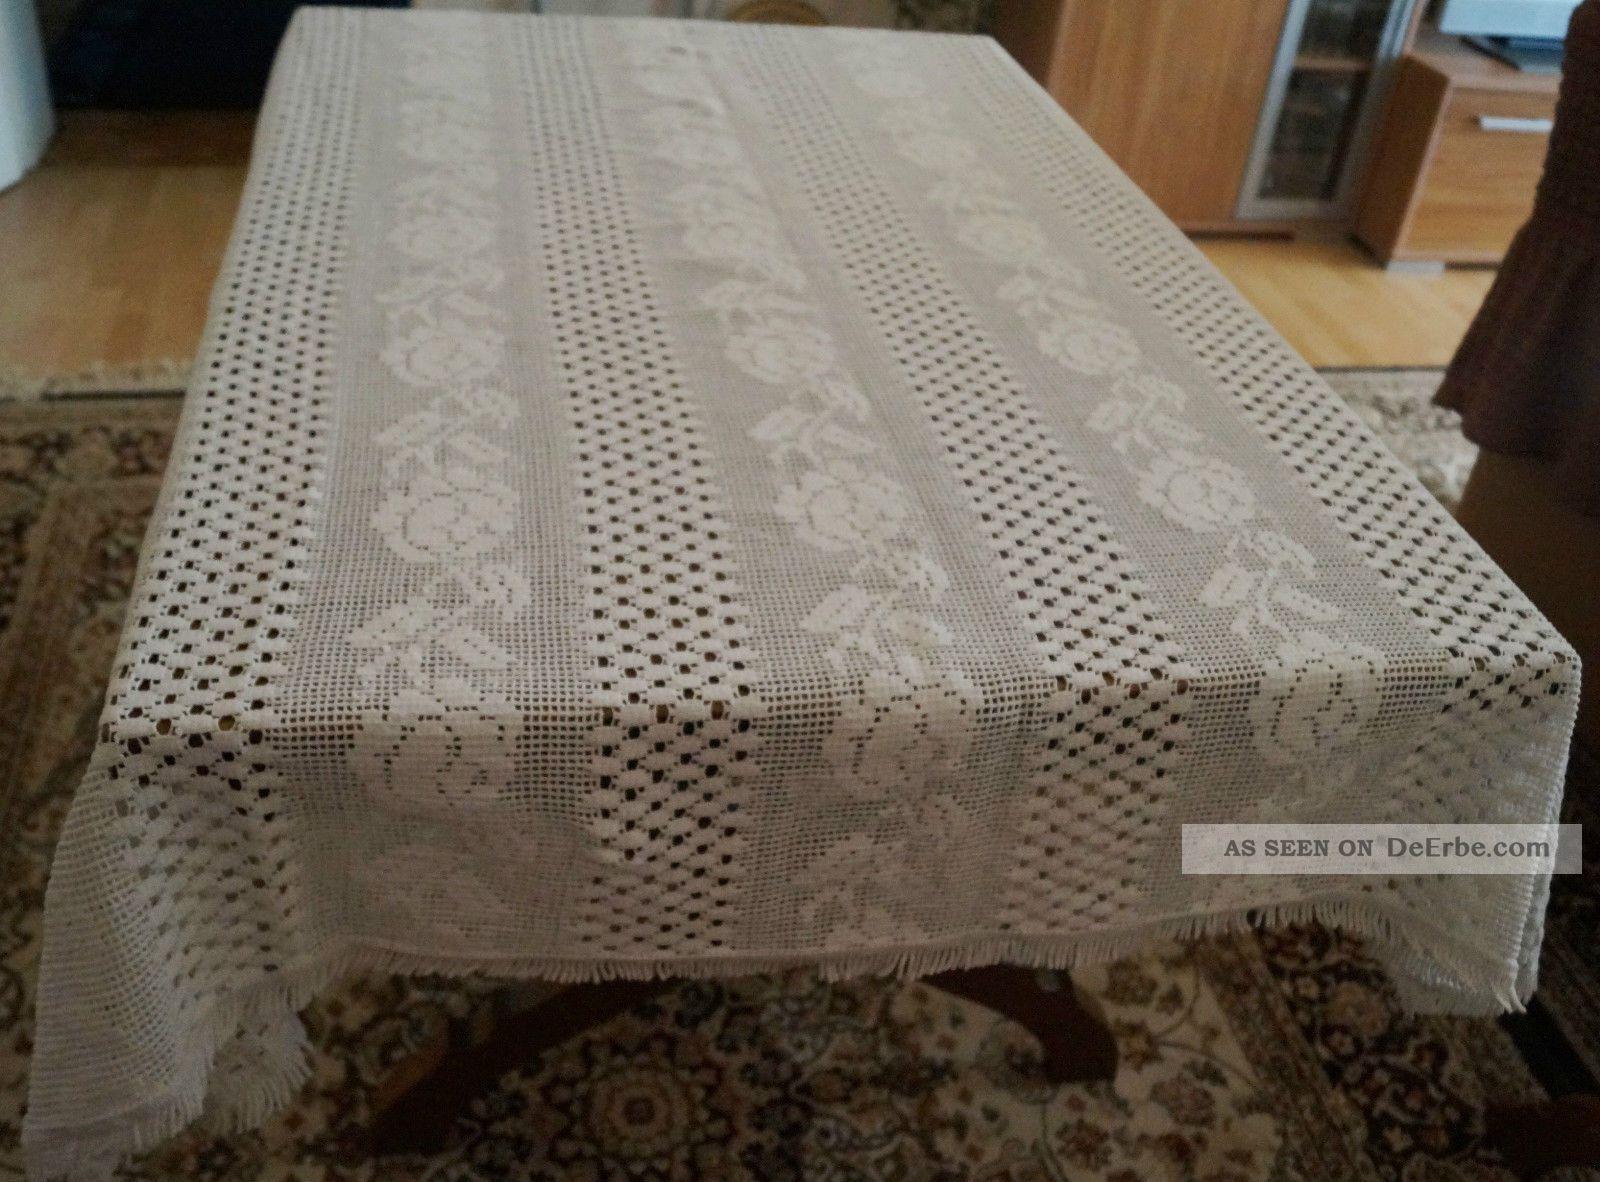 webdecke decke tischdecke rechteckig 143 x 169 wei berwurf baumwolle shabby. Black Bedroom Furniture Sets. Home Design Ideas